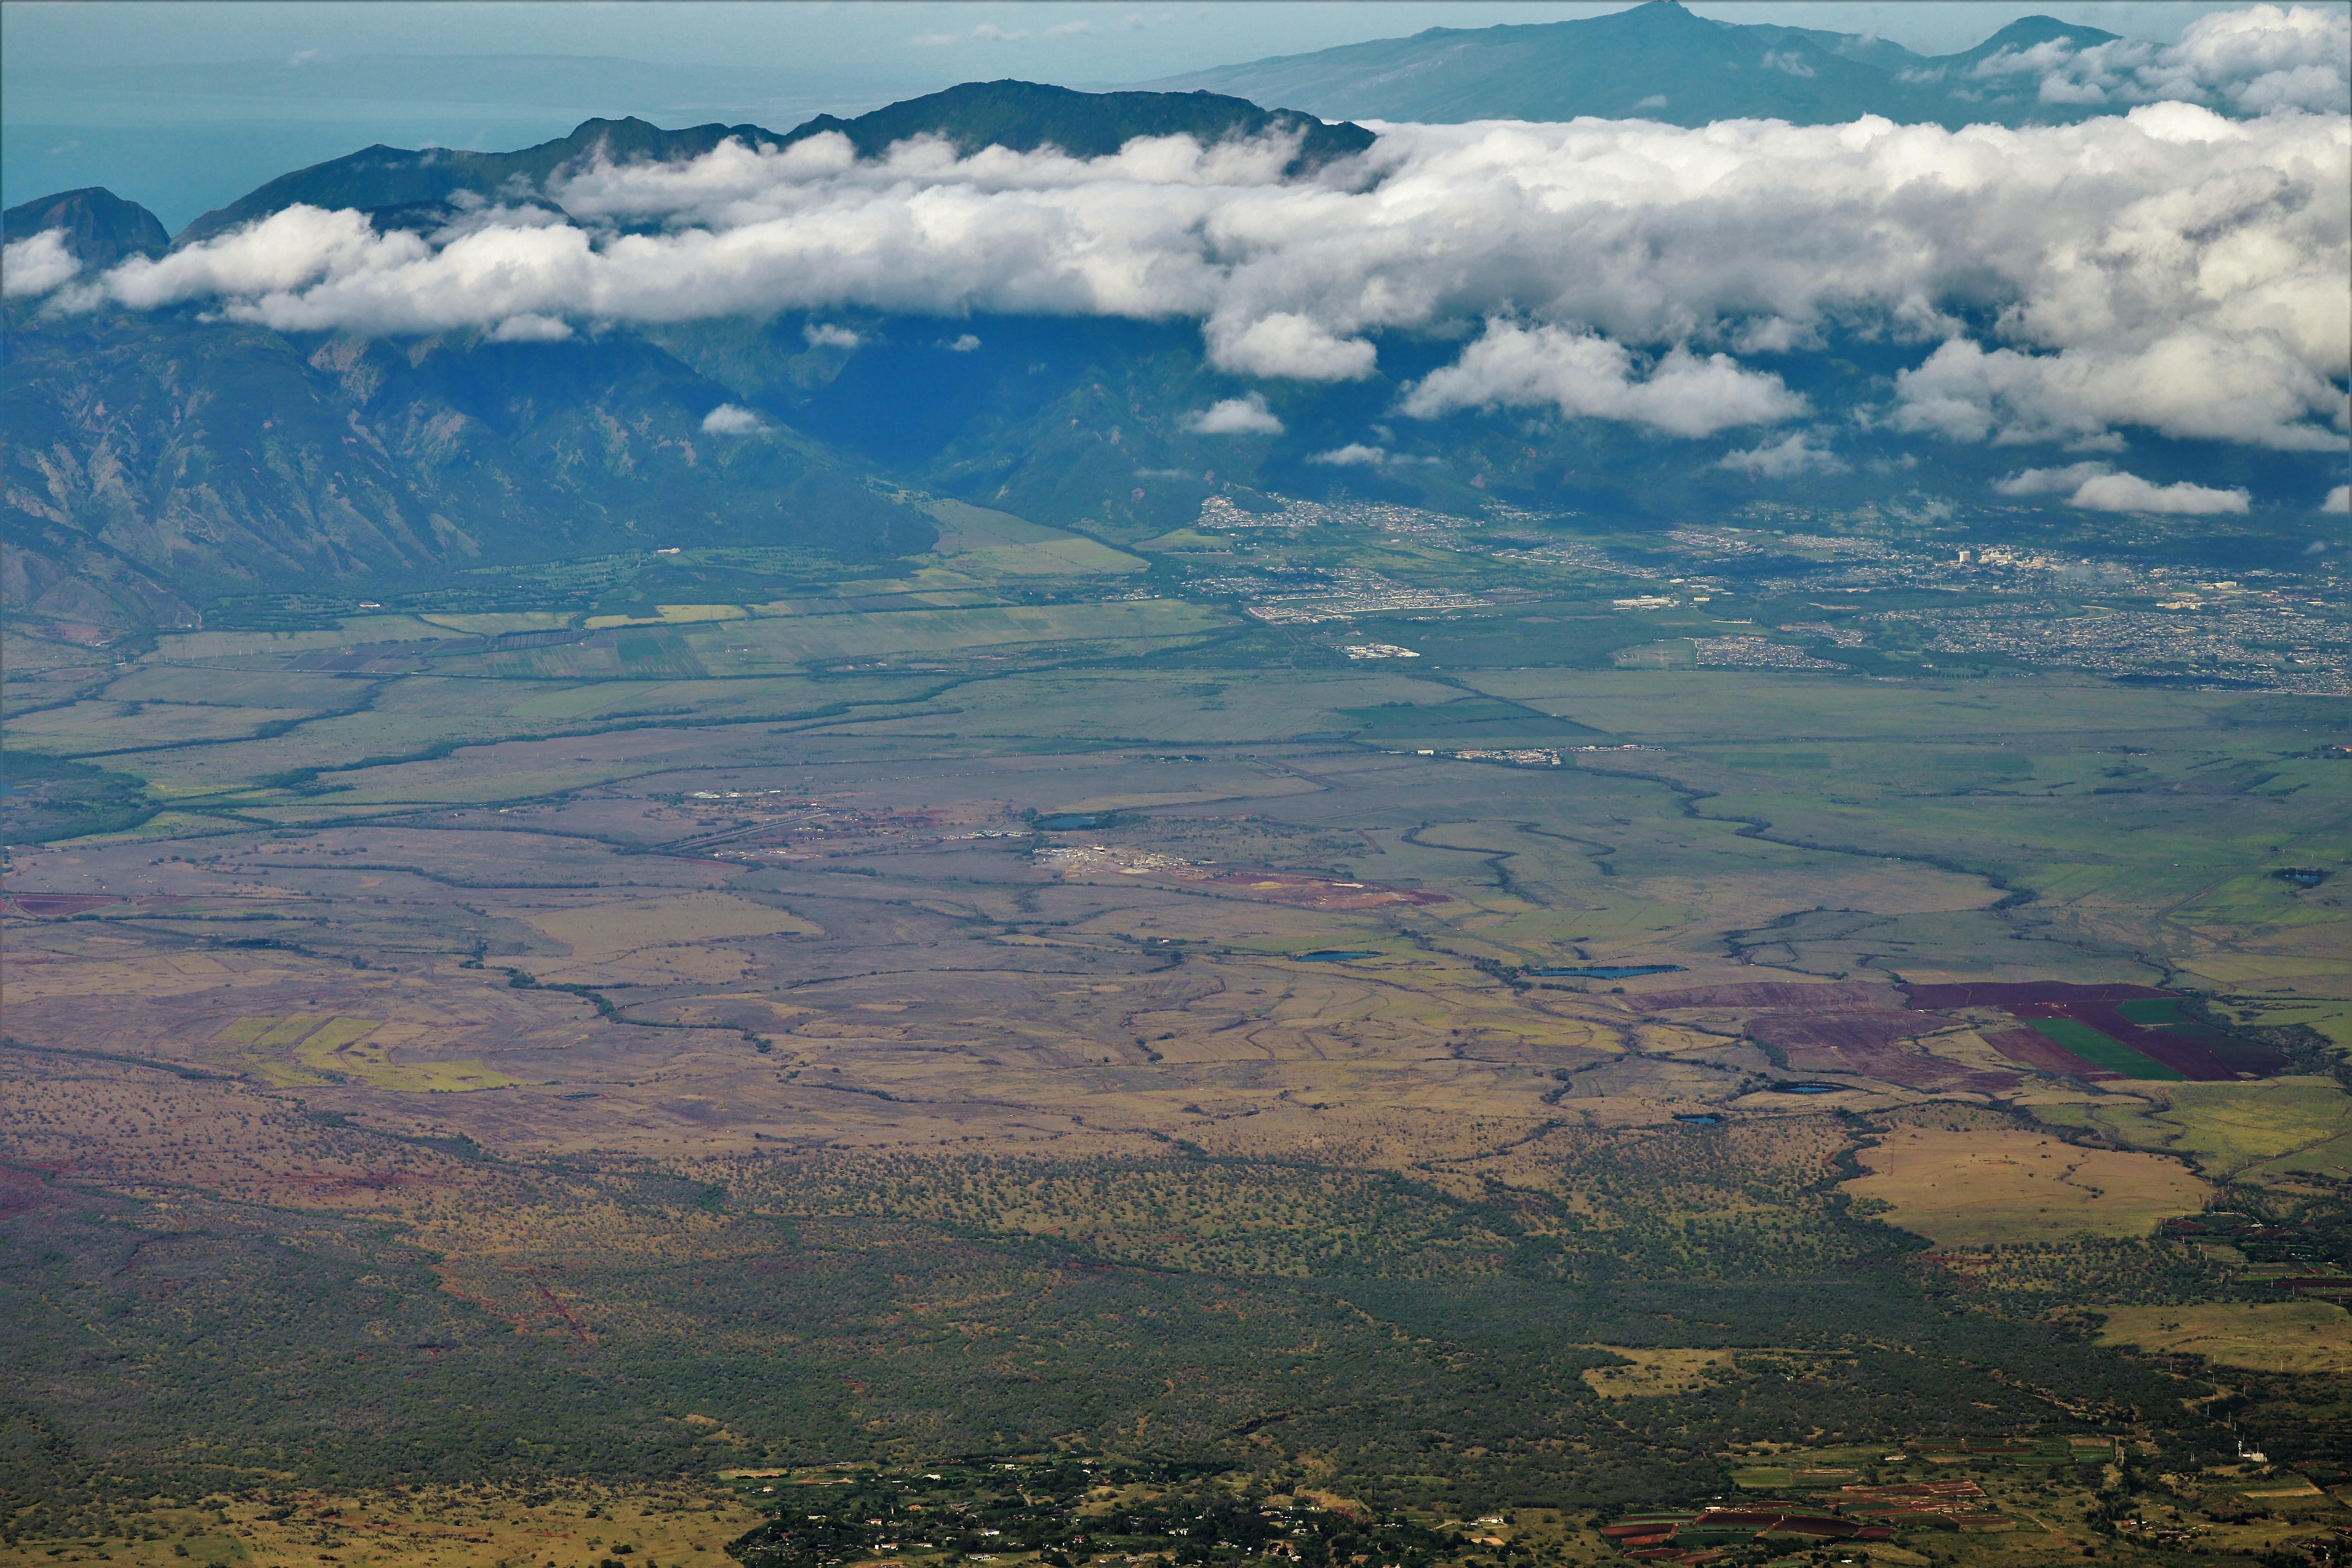 2018 11 25 26 Haleakala National Park.JPG